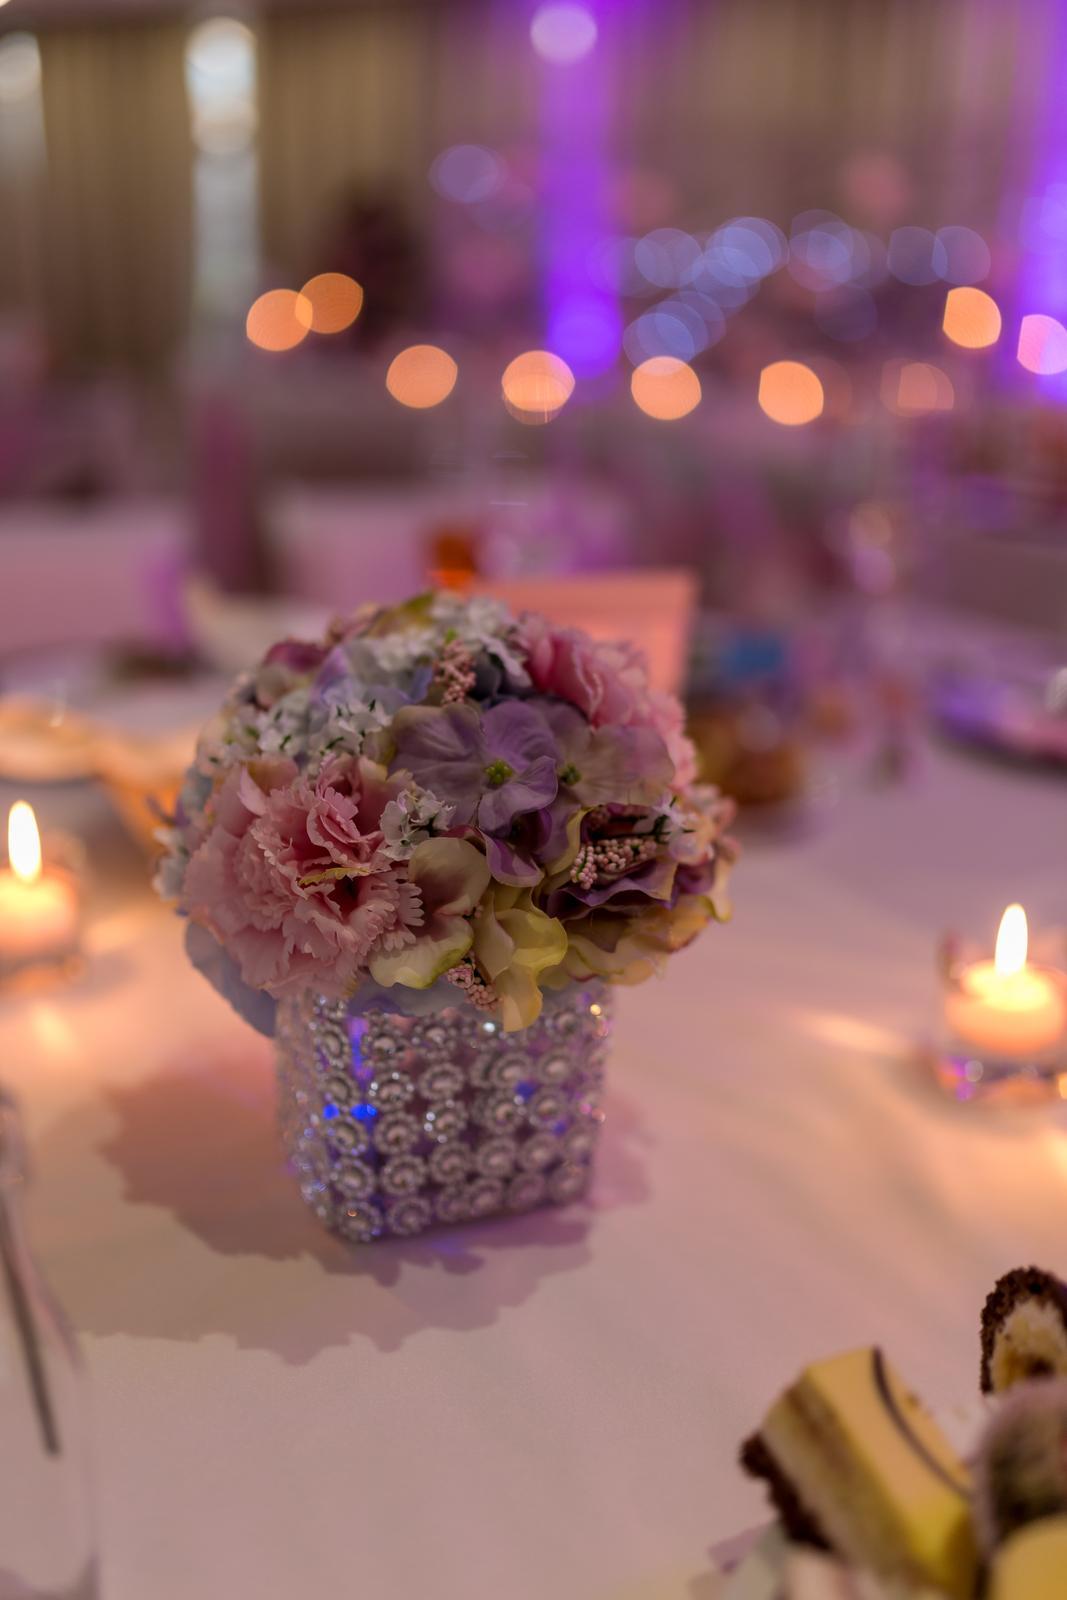 ♥ Vikulka{{_AND_}}Peťo ♥ - Stredová vázička :) Hranaté vázičky som kúpila a tie diamantikové návleky a kvety som vyrábala sama :)